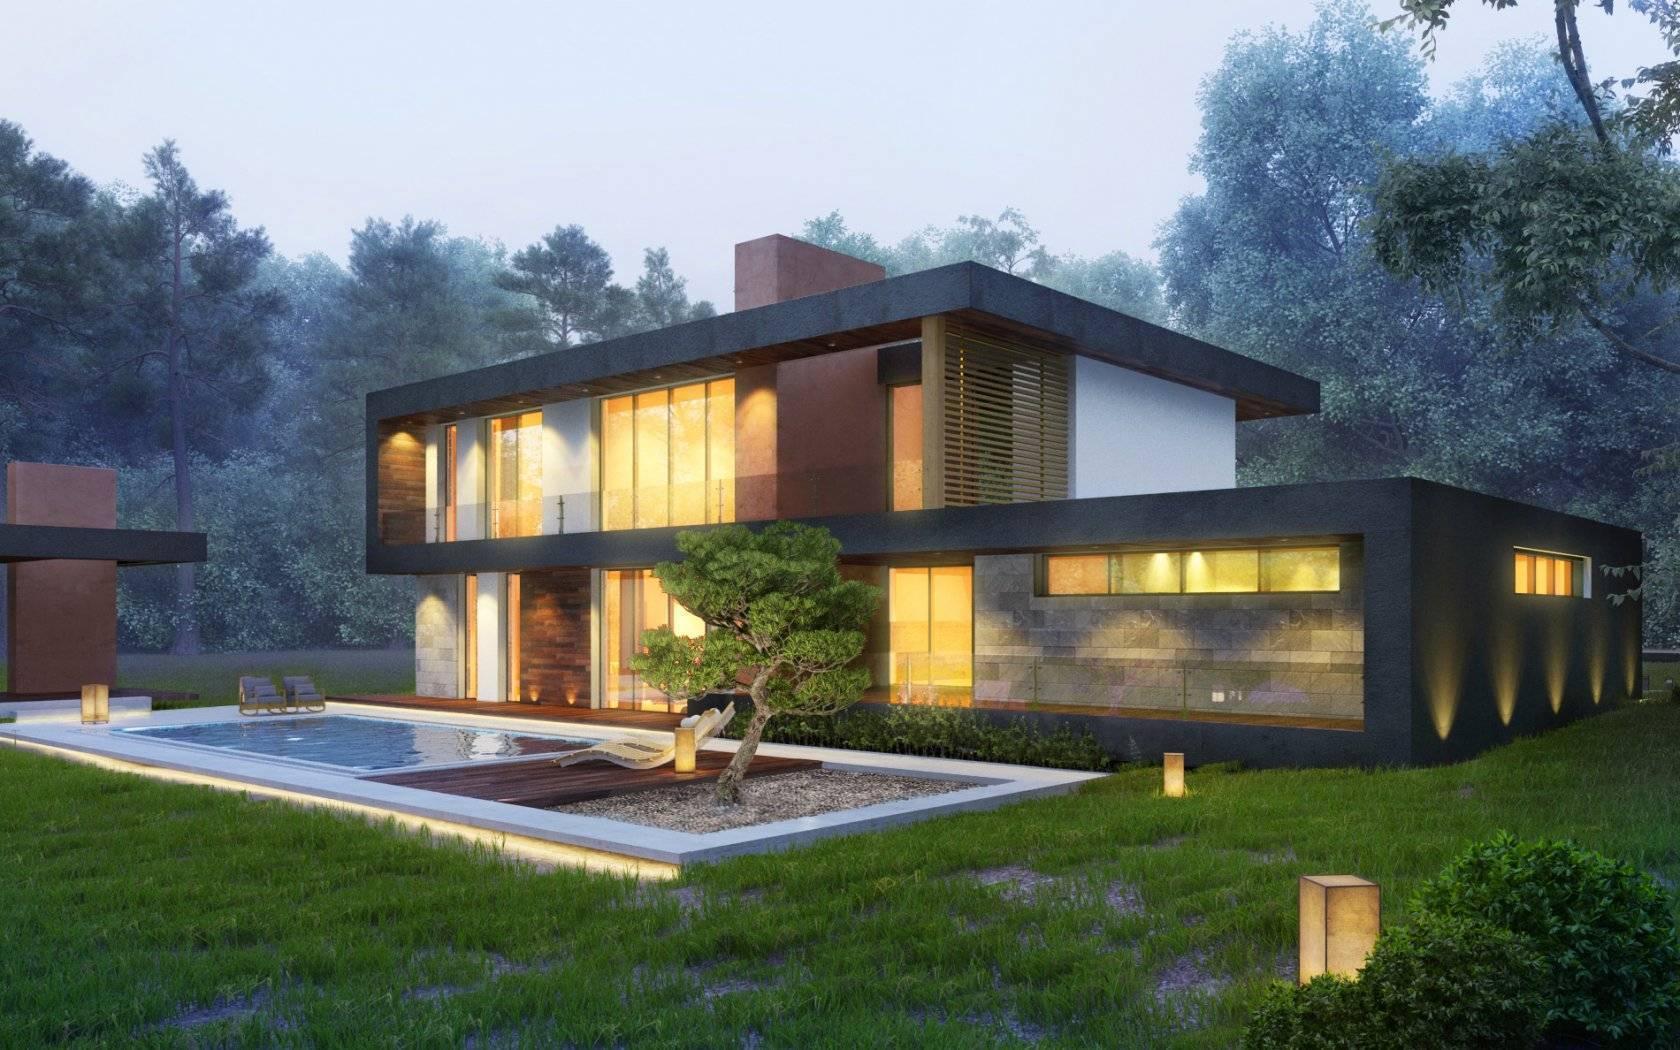 Архитектура и дизайн домов: современные идеи | gd-home.com